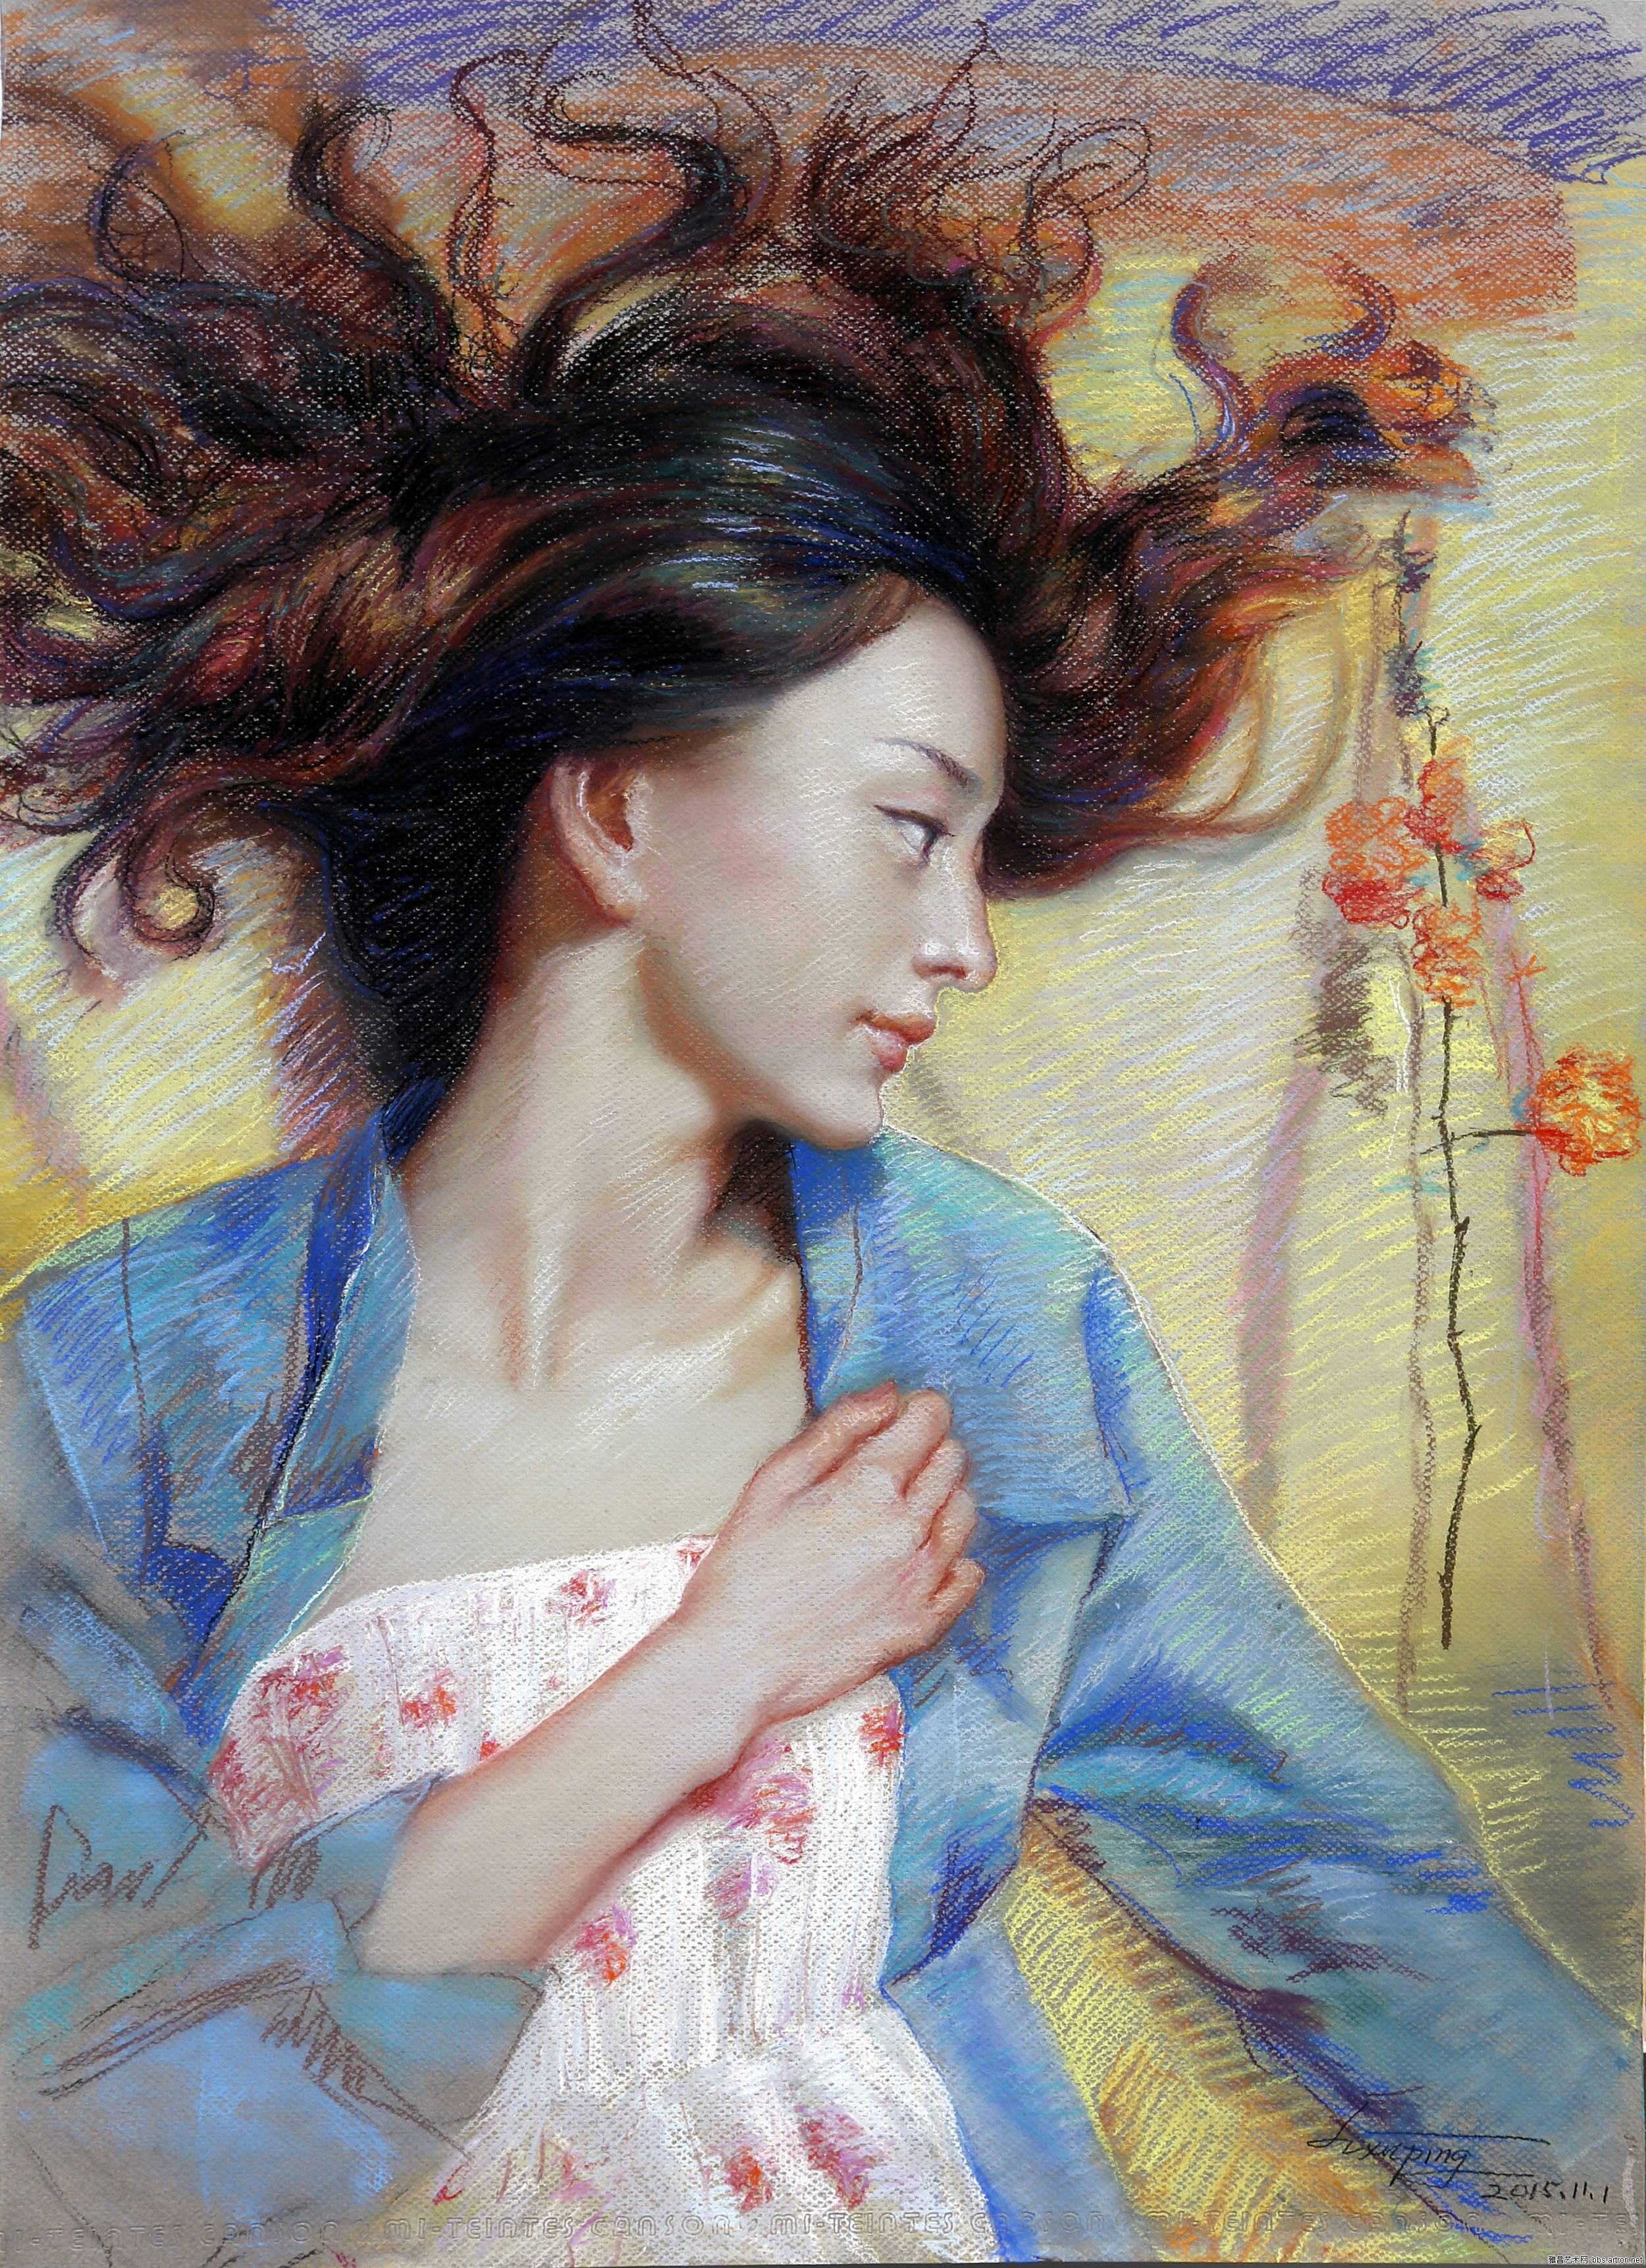 世界经典油画赏析_浅谈素描在油画创作中的重要性,世界经典人像素描欣赏